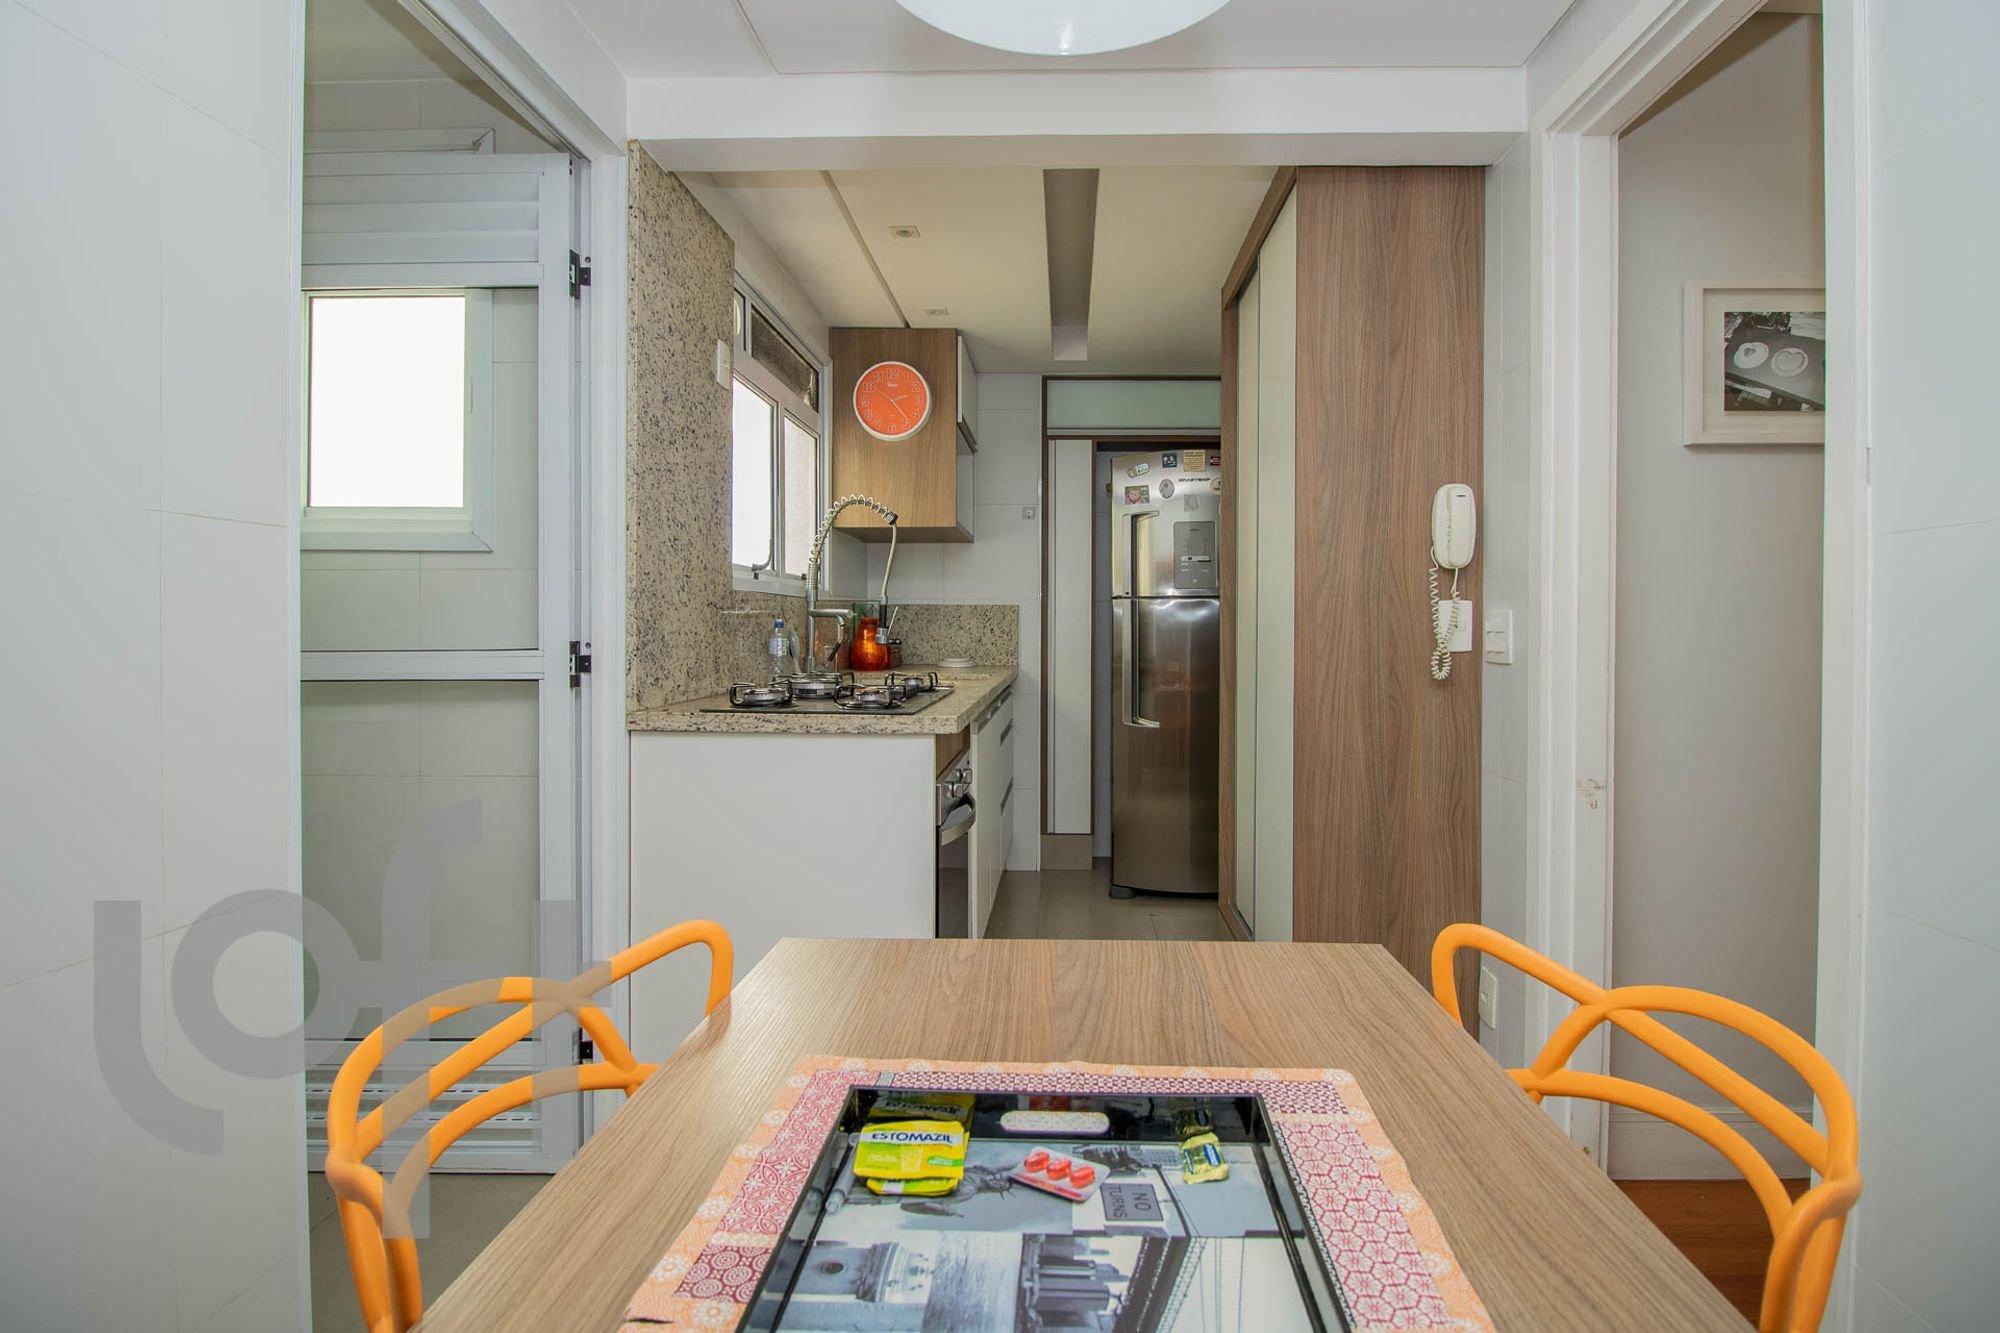 Foto de Cozinha com garrafa, celular, geladeira, cadeira, mesa de jantar